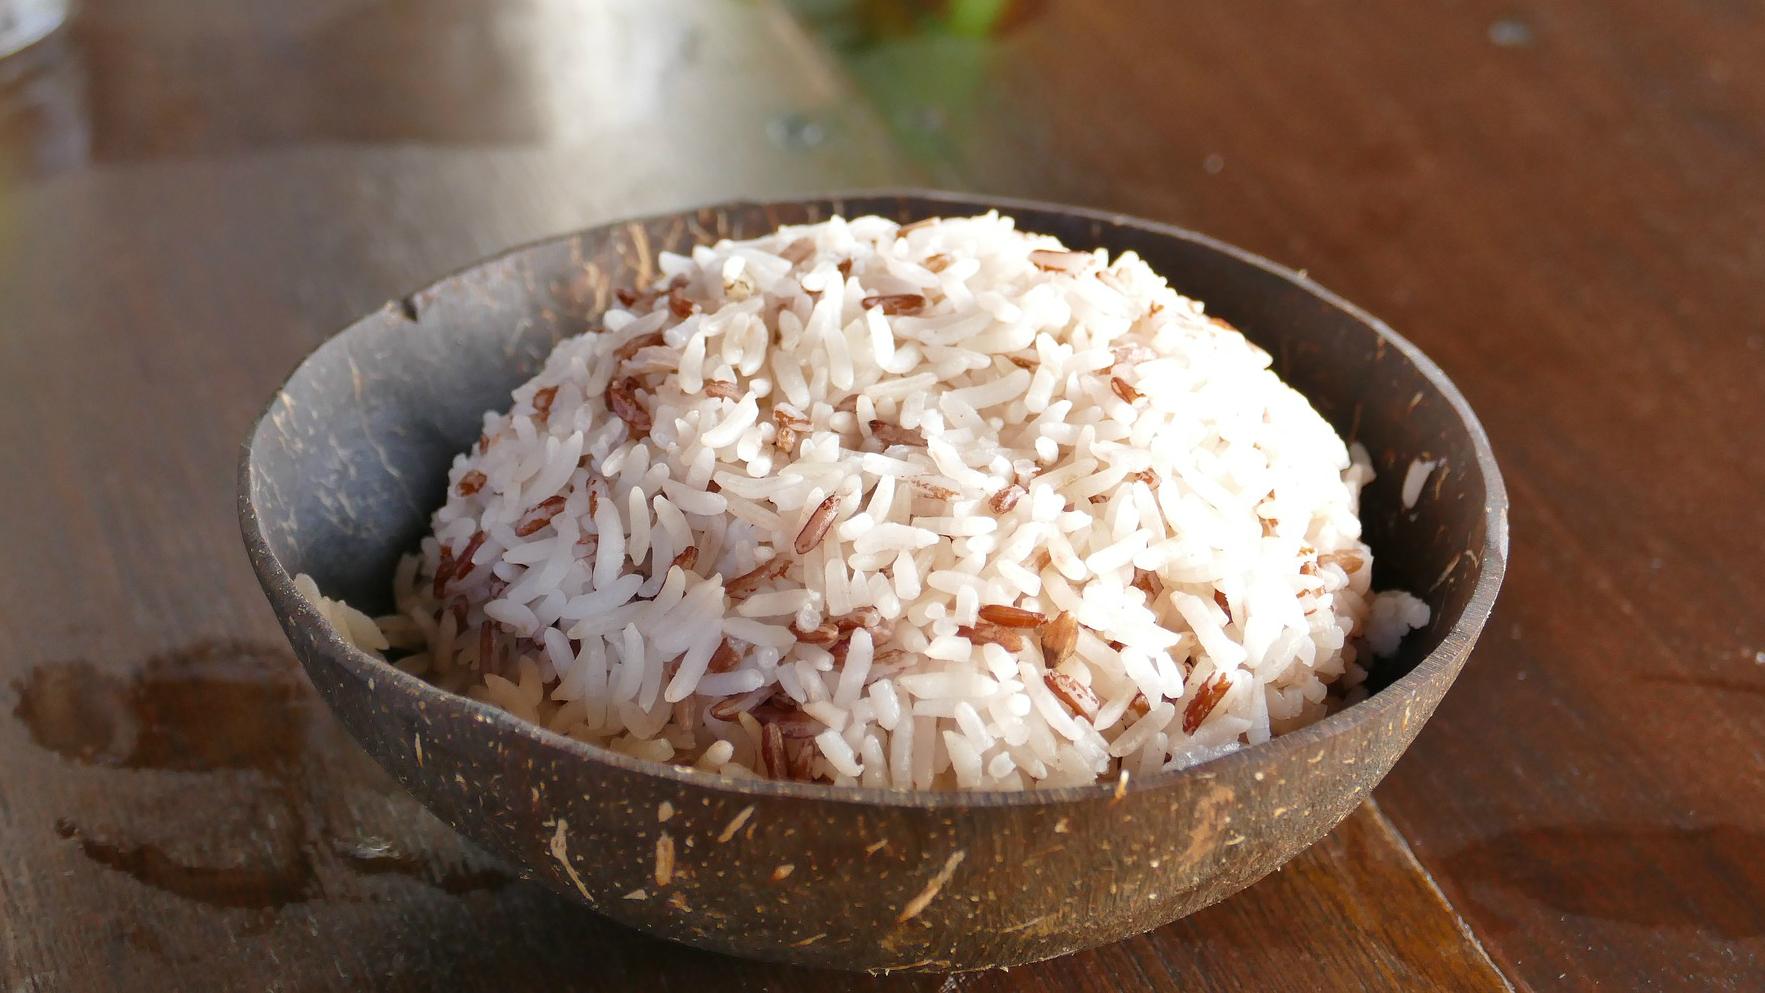 blir ris bedre i riskoker